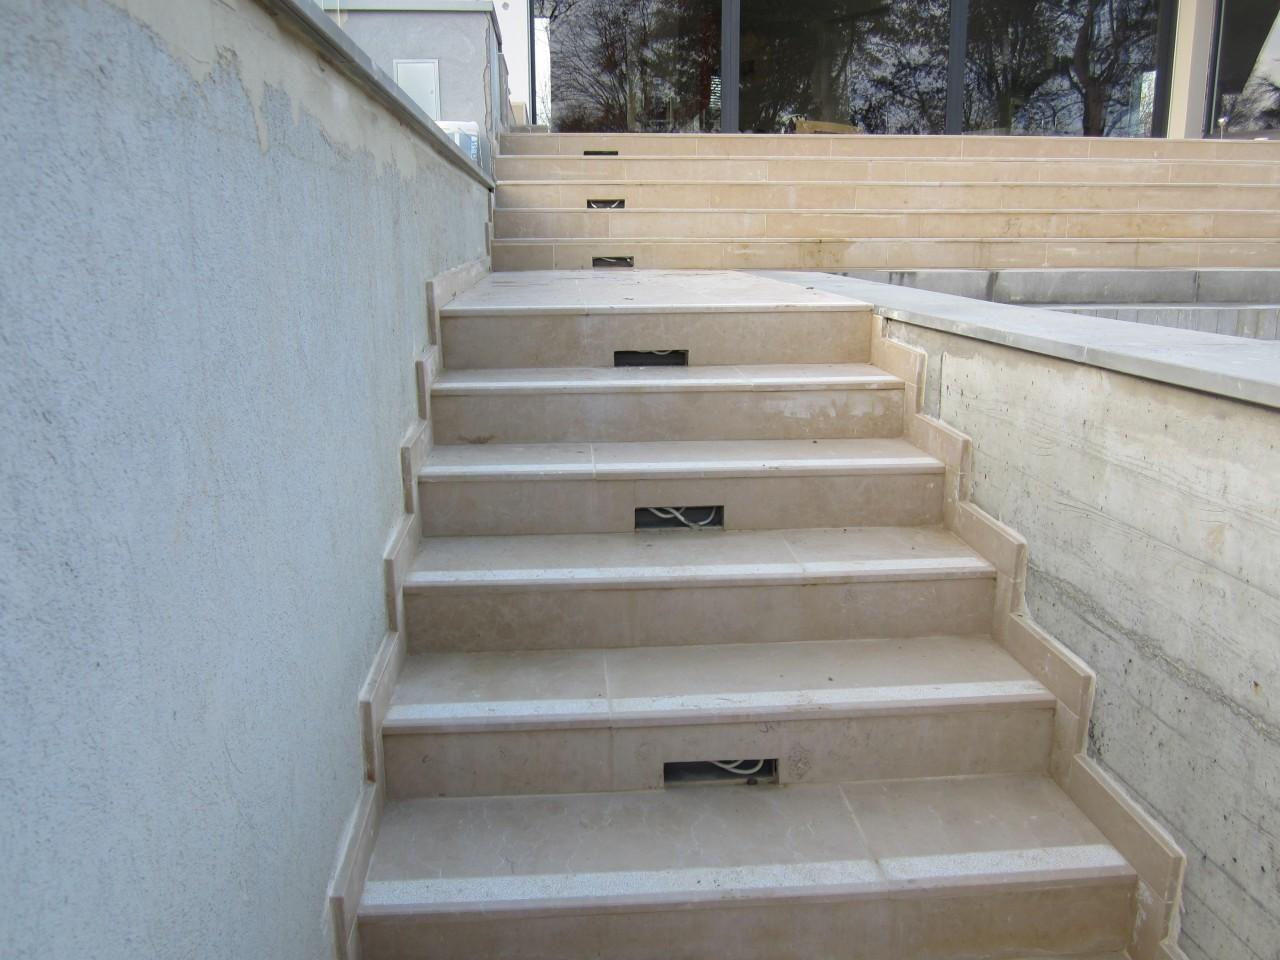 Contre marches calcaires avec découpe pour luminaires